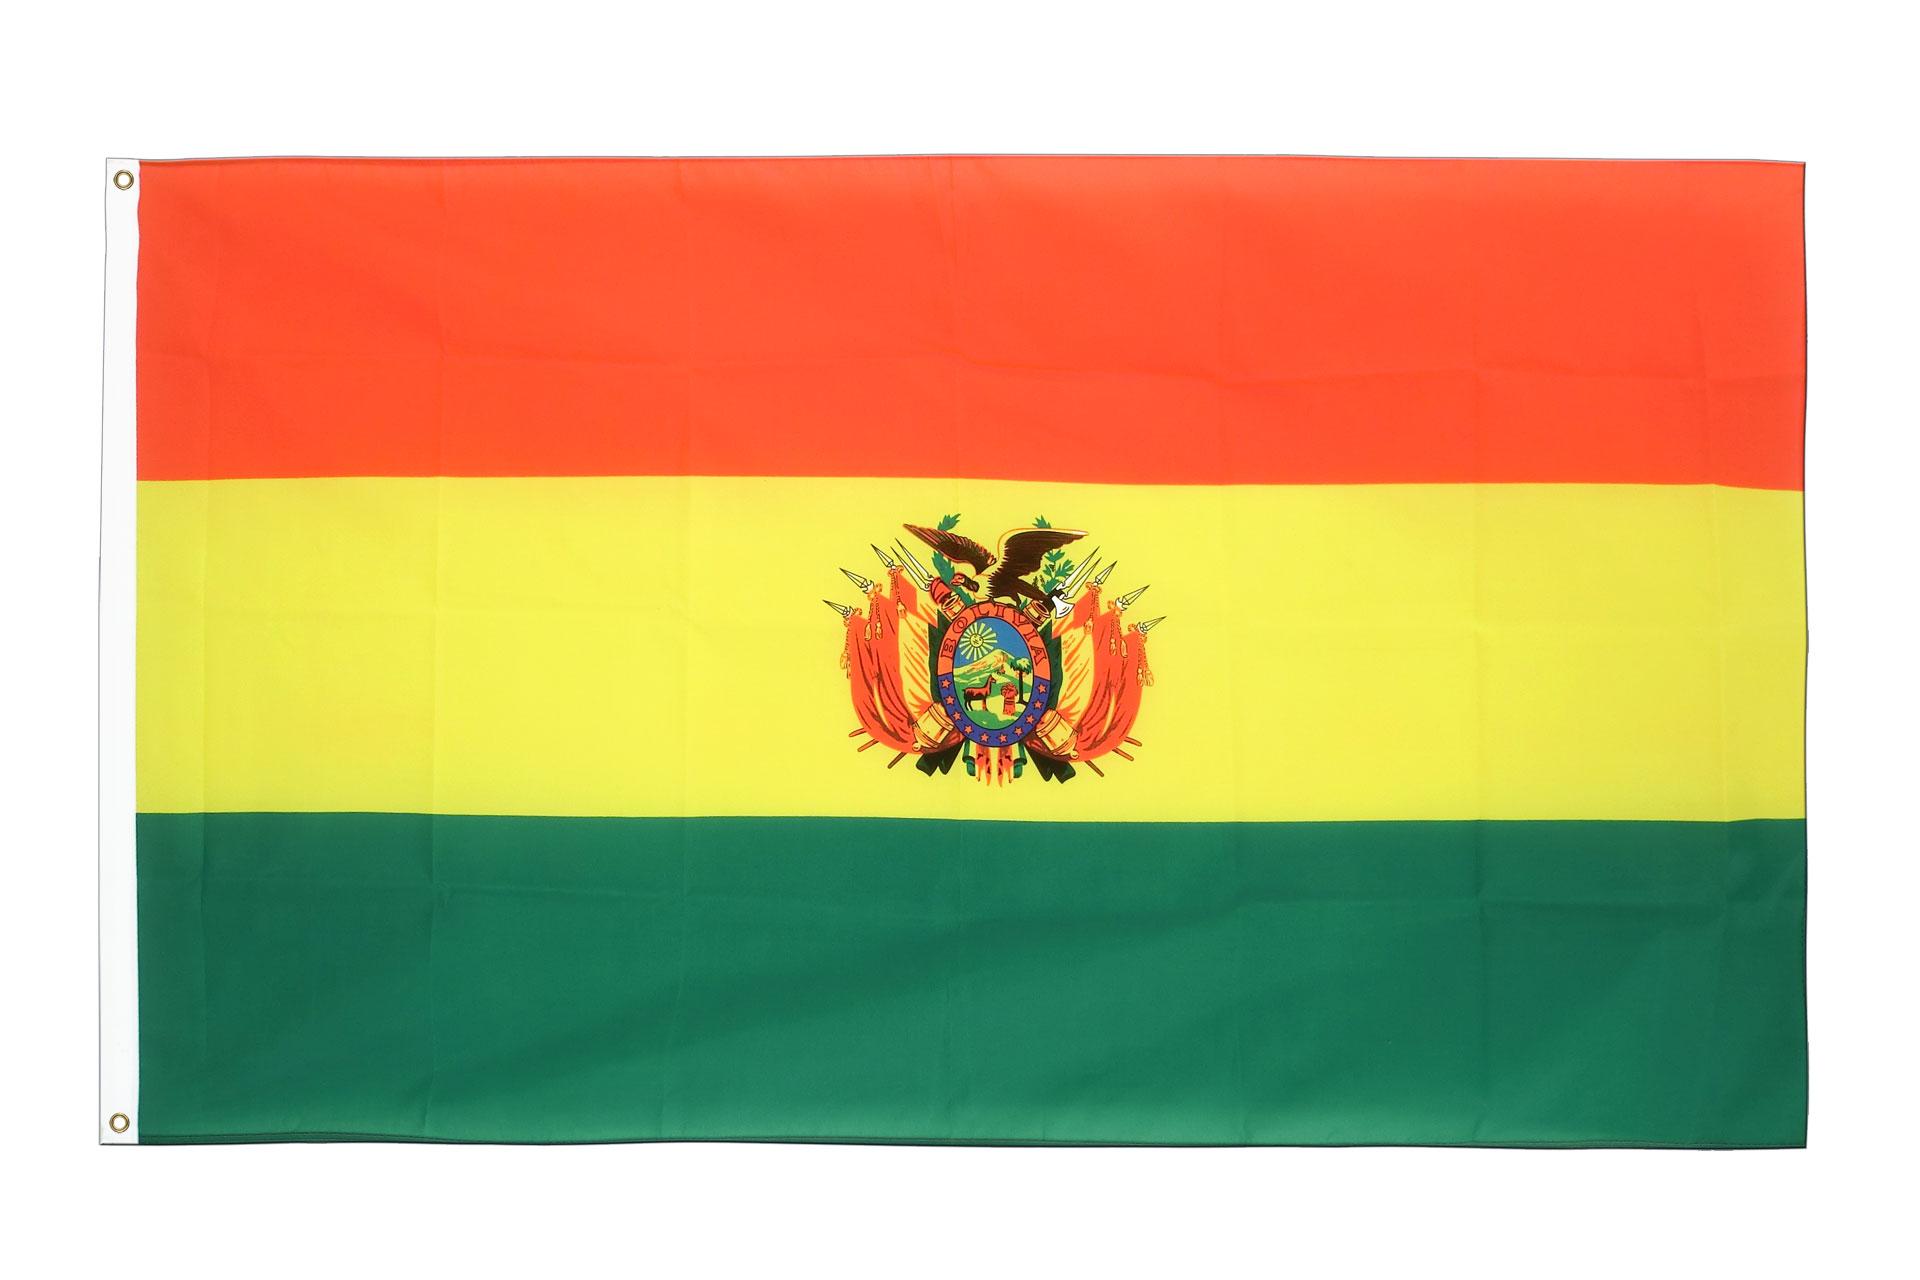 картинки флаг зеленый желтый красный первых два